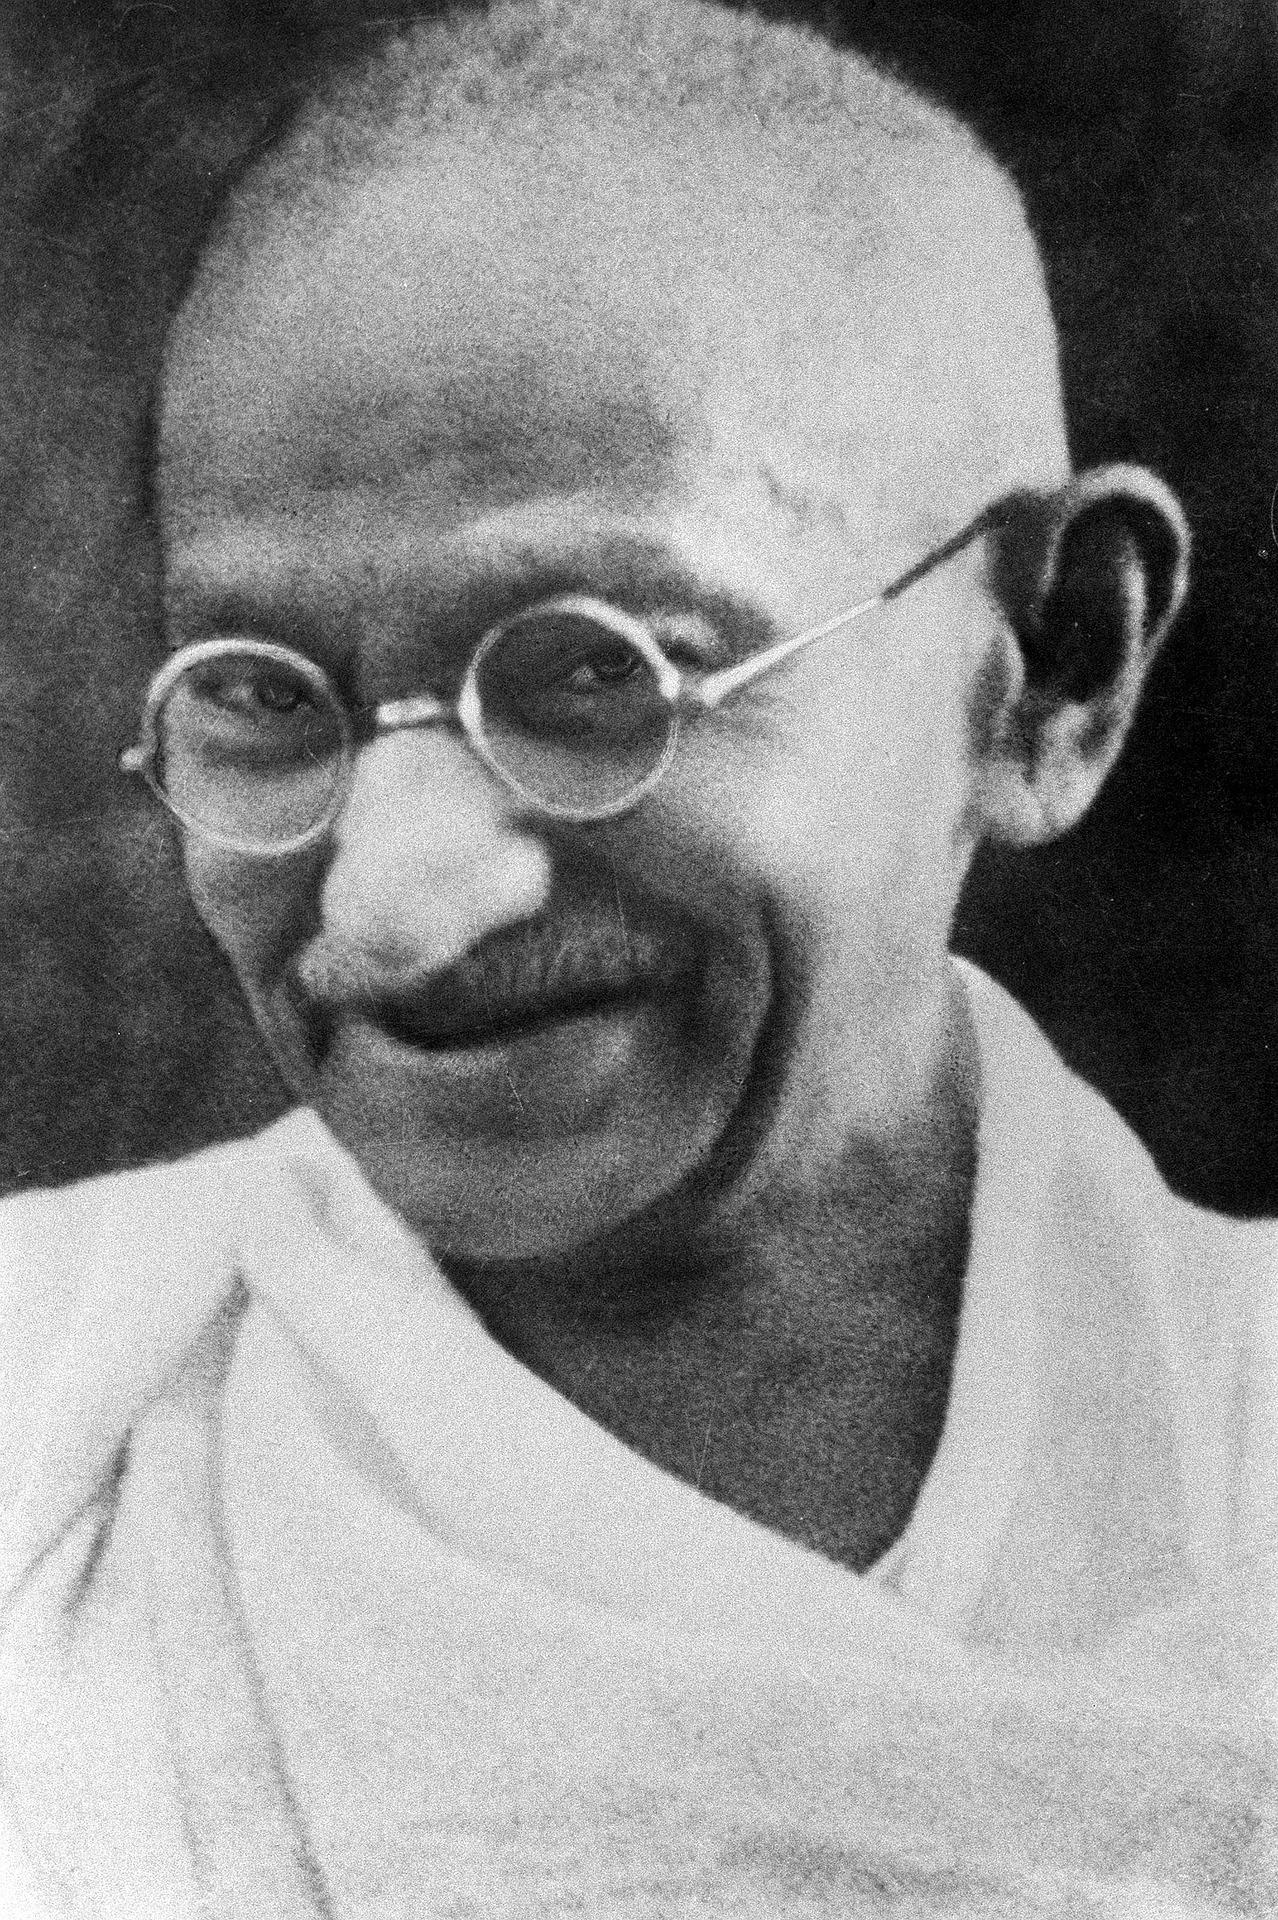 Gandhi, un homme à l'esprit zen